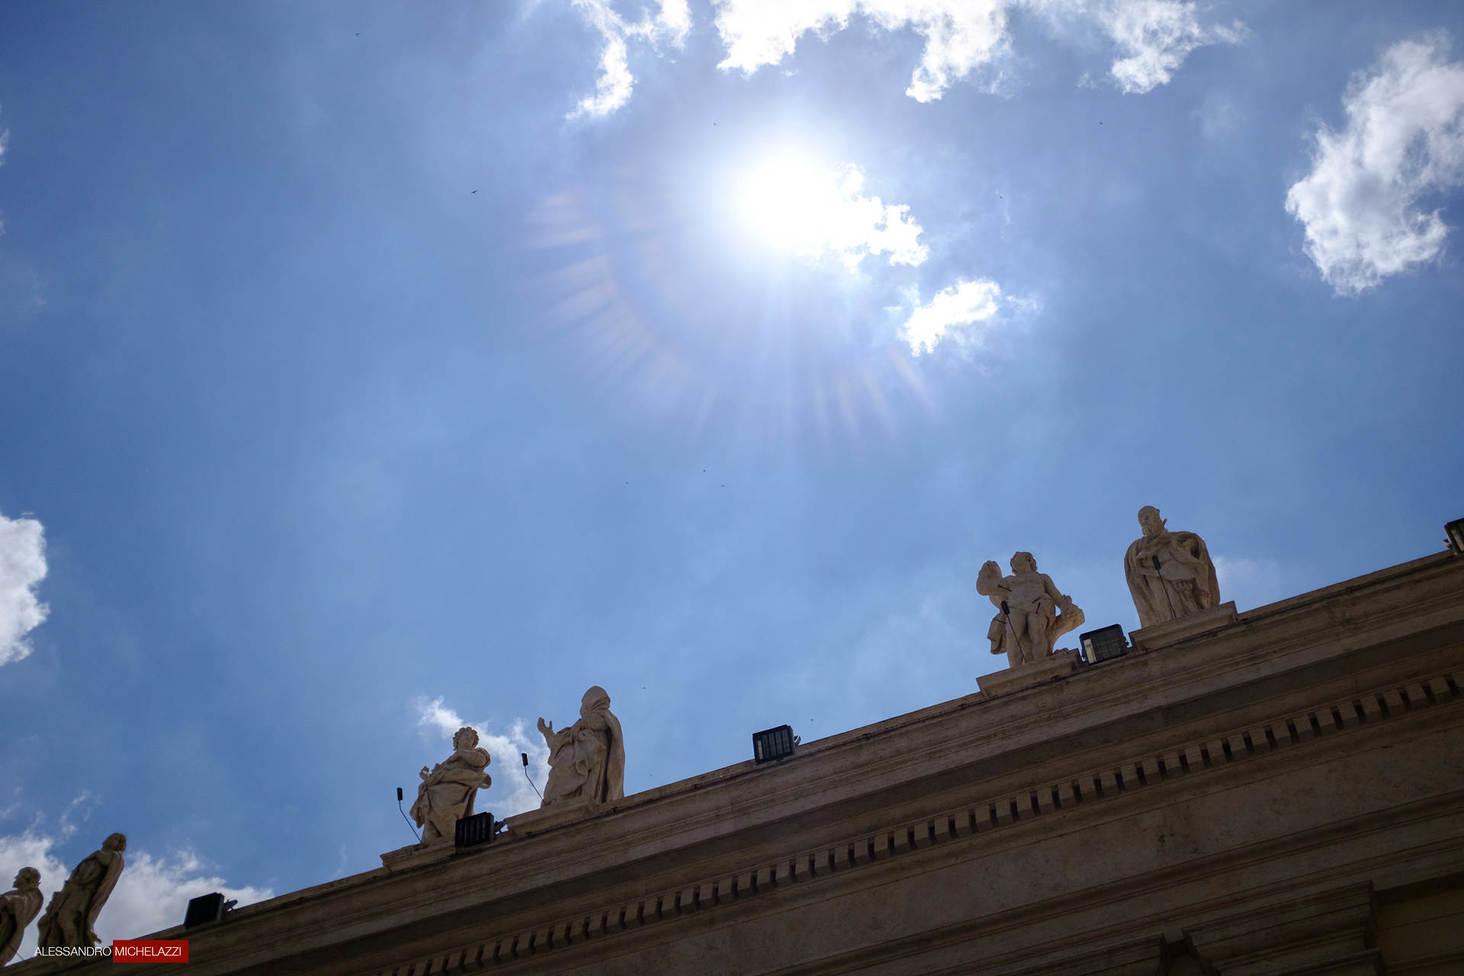 Alessandro-Michelazzi-Photography-Rome-Italy-7